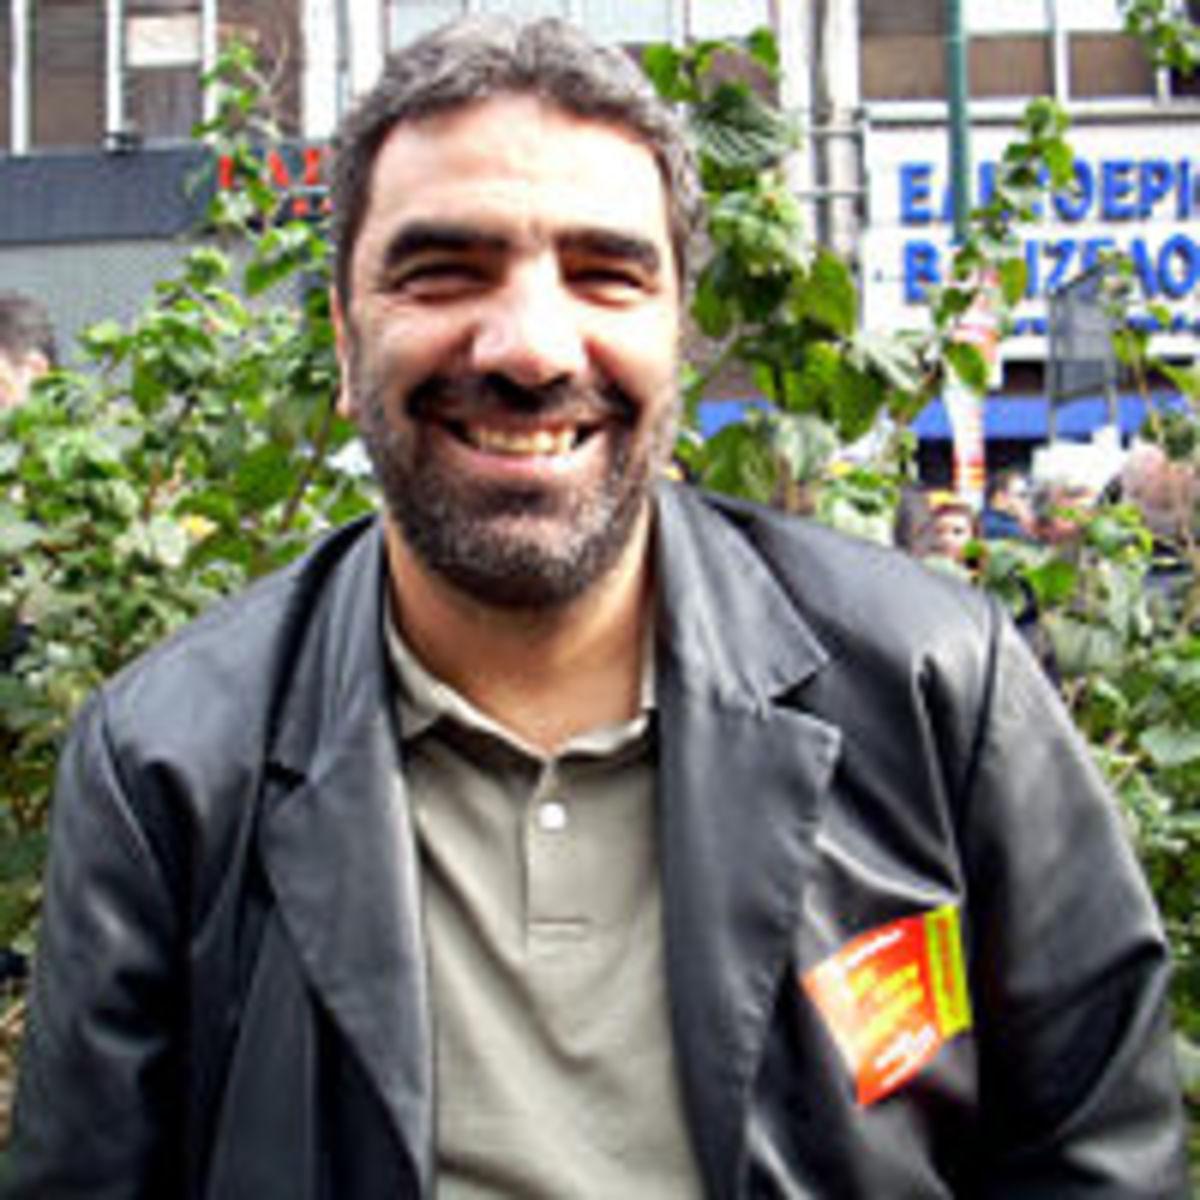 Ο κ. Μητσοτάκης «λαγός» για πιο αντιλαϊκές πολιτικές | Newsit.gr